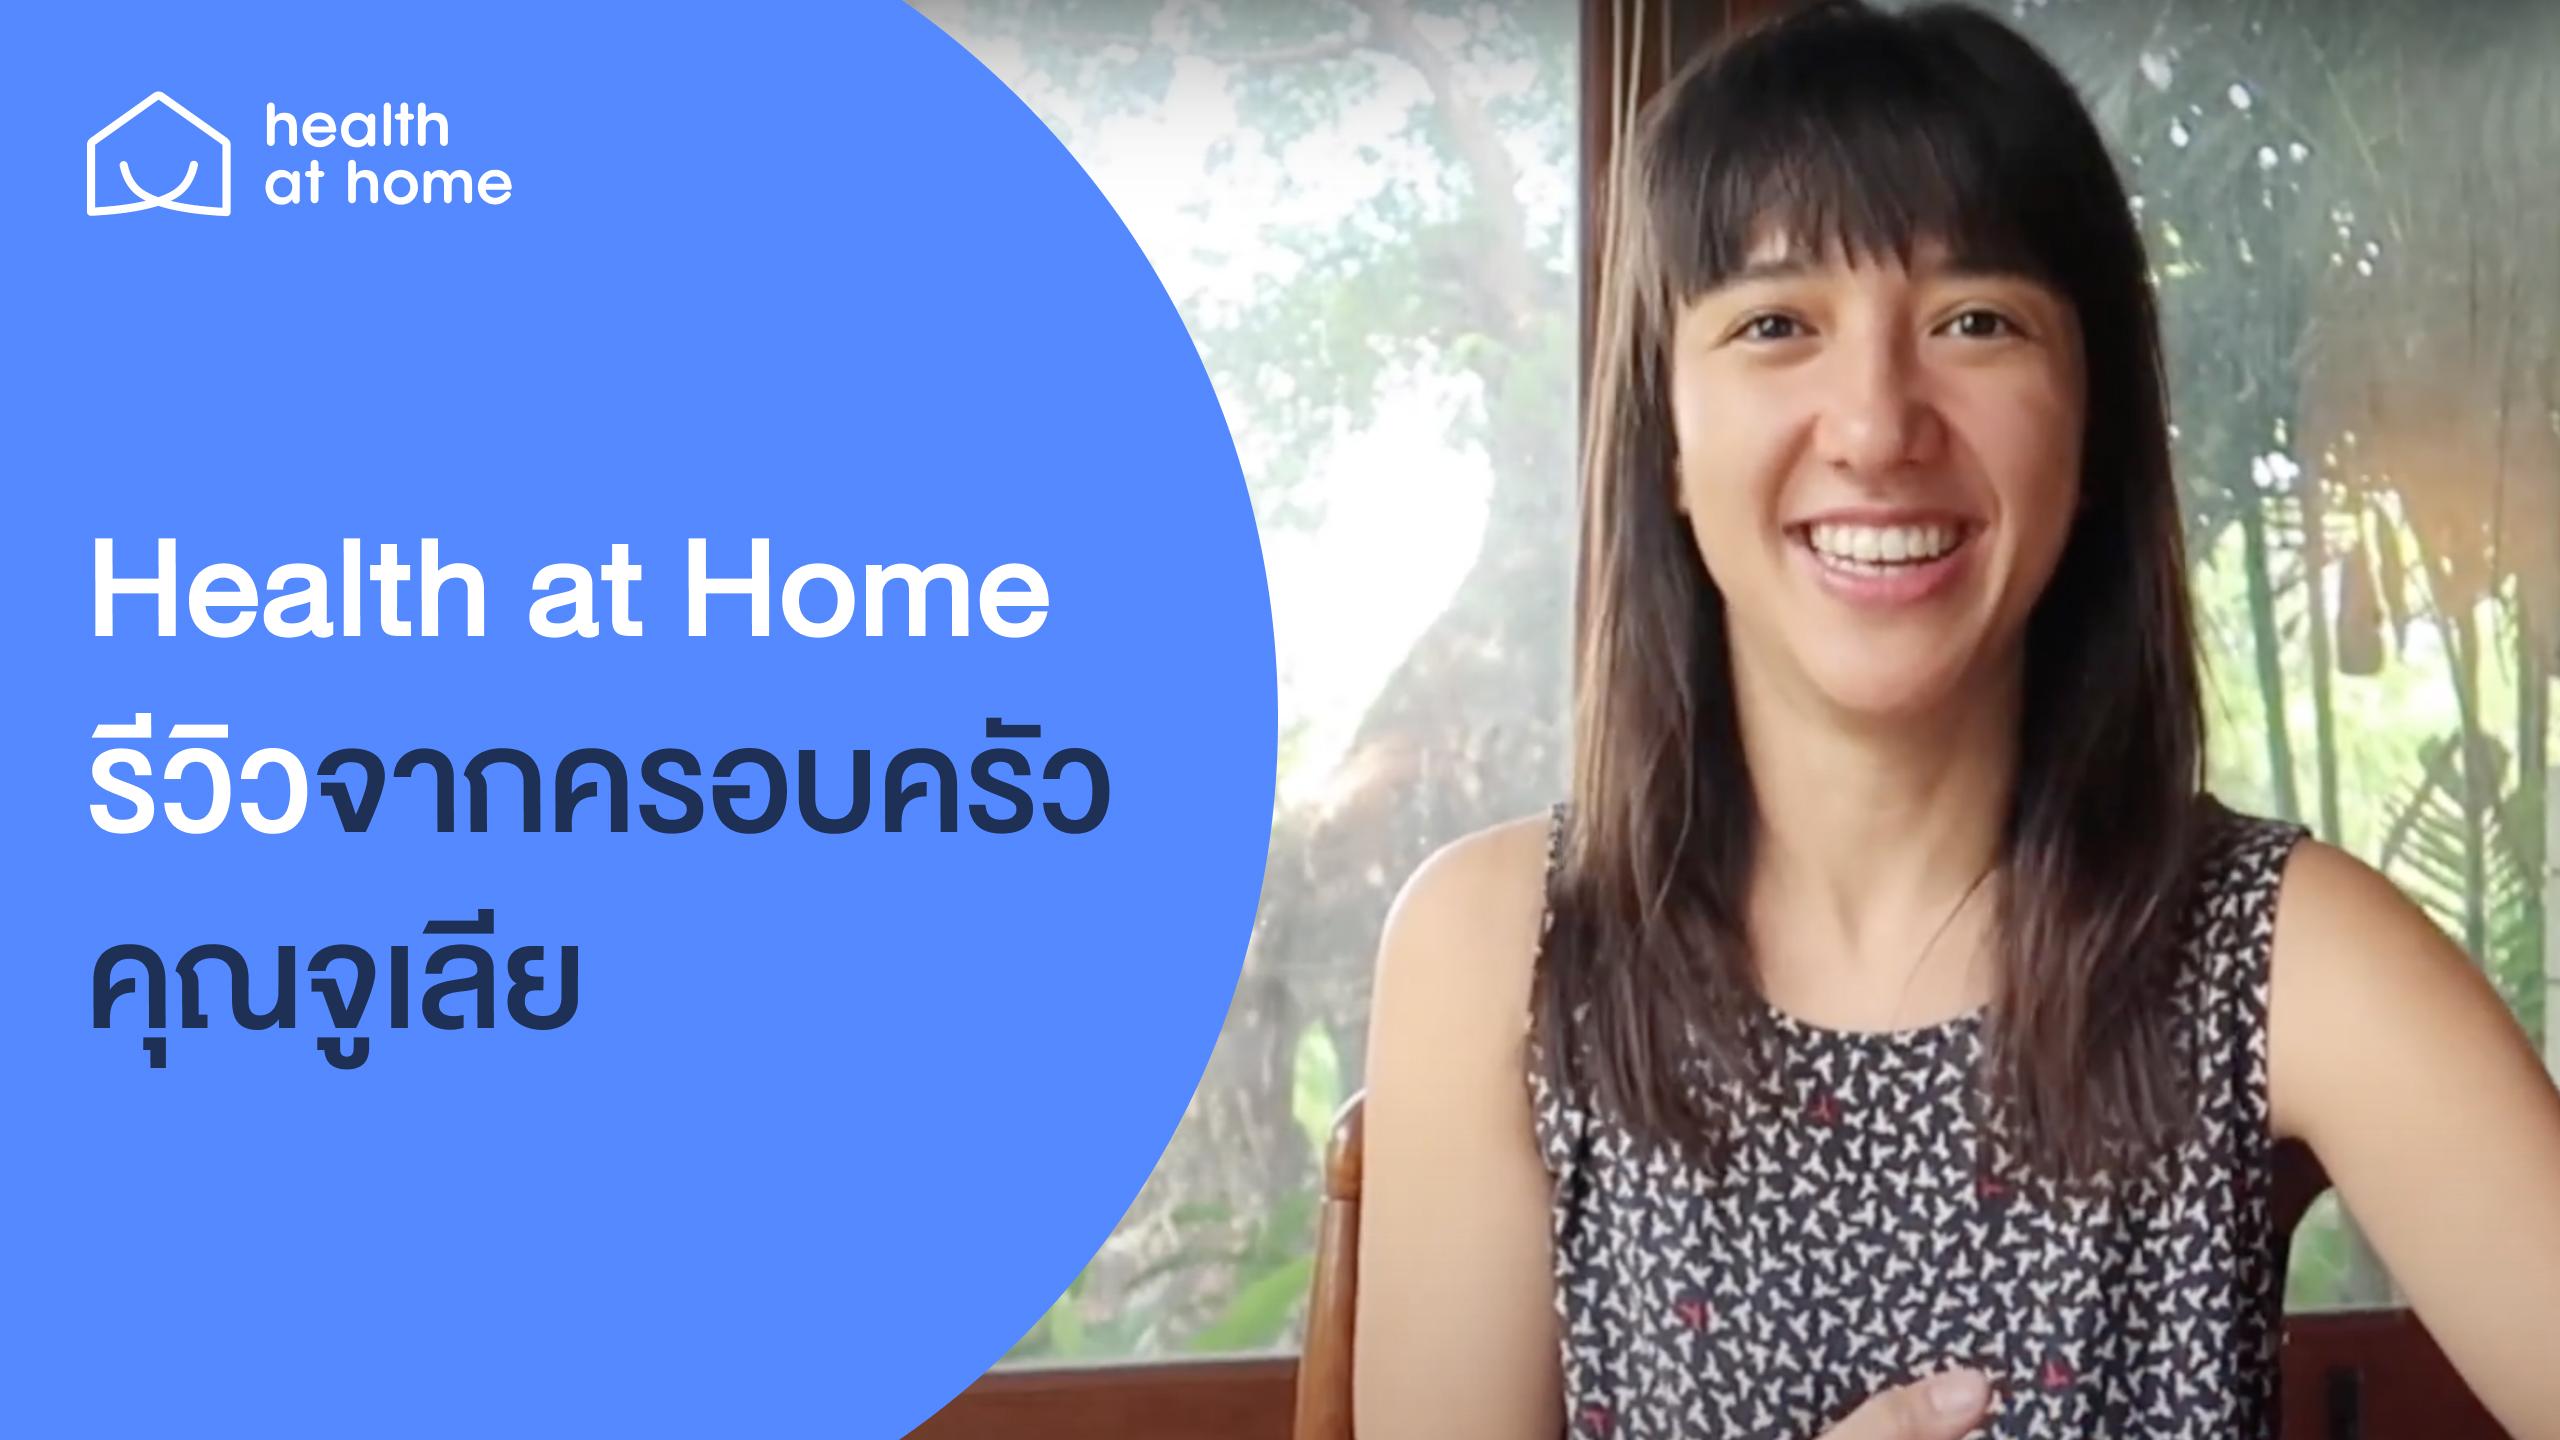 Health at home รีวิวจากครอบครัวคุณจูเลีย